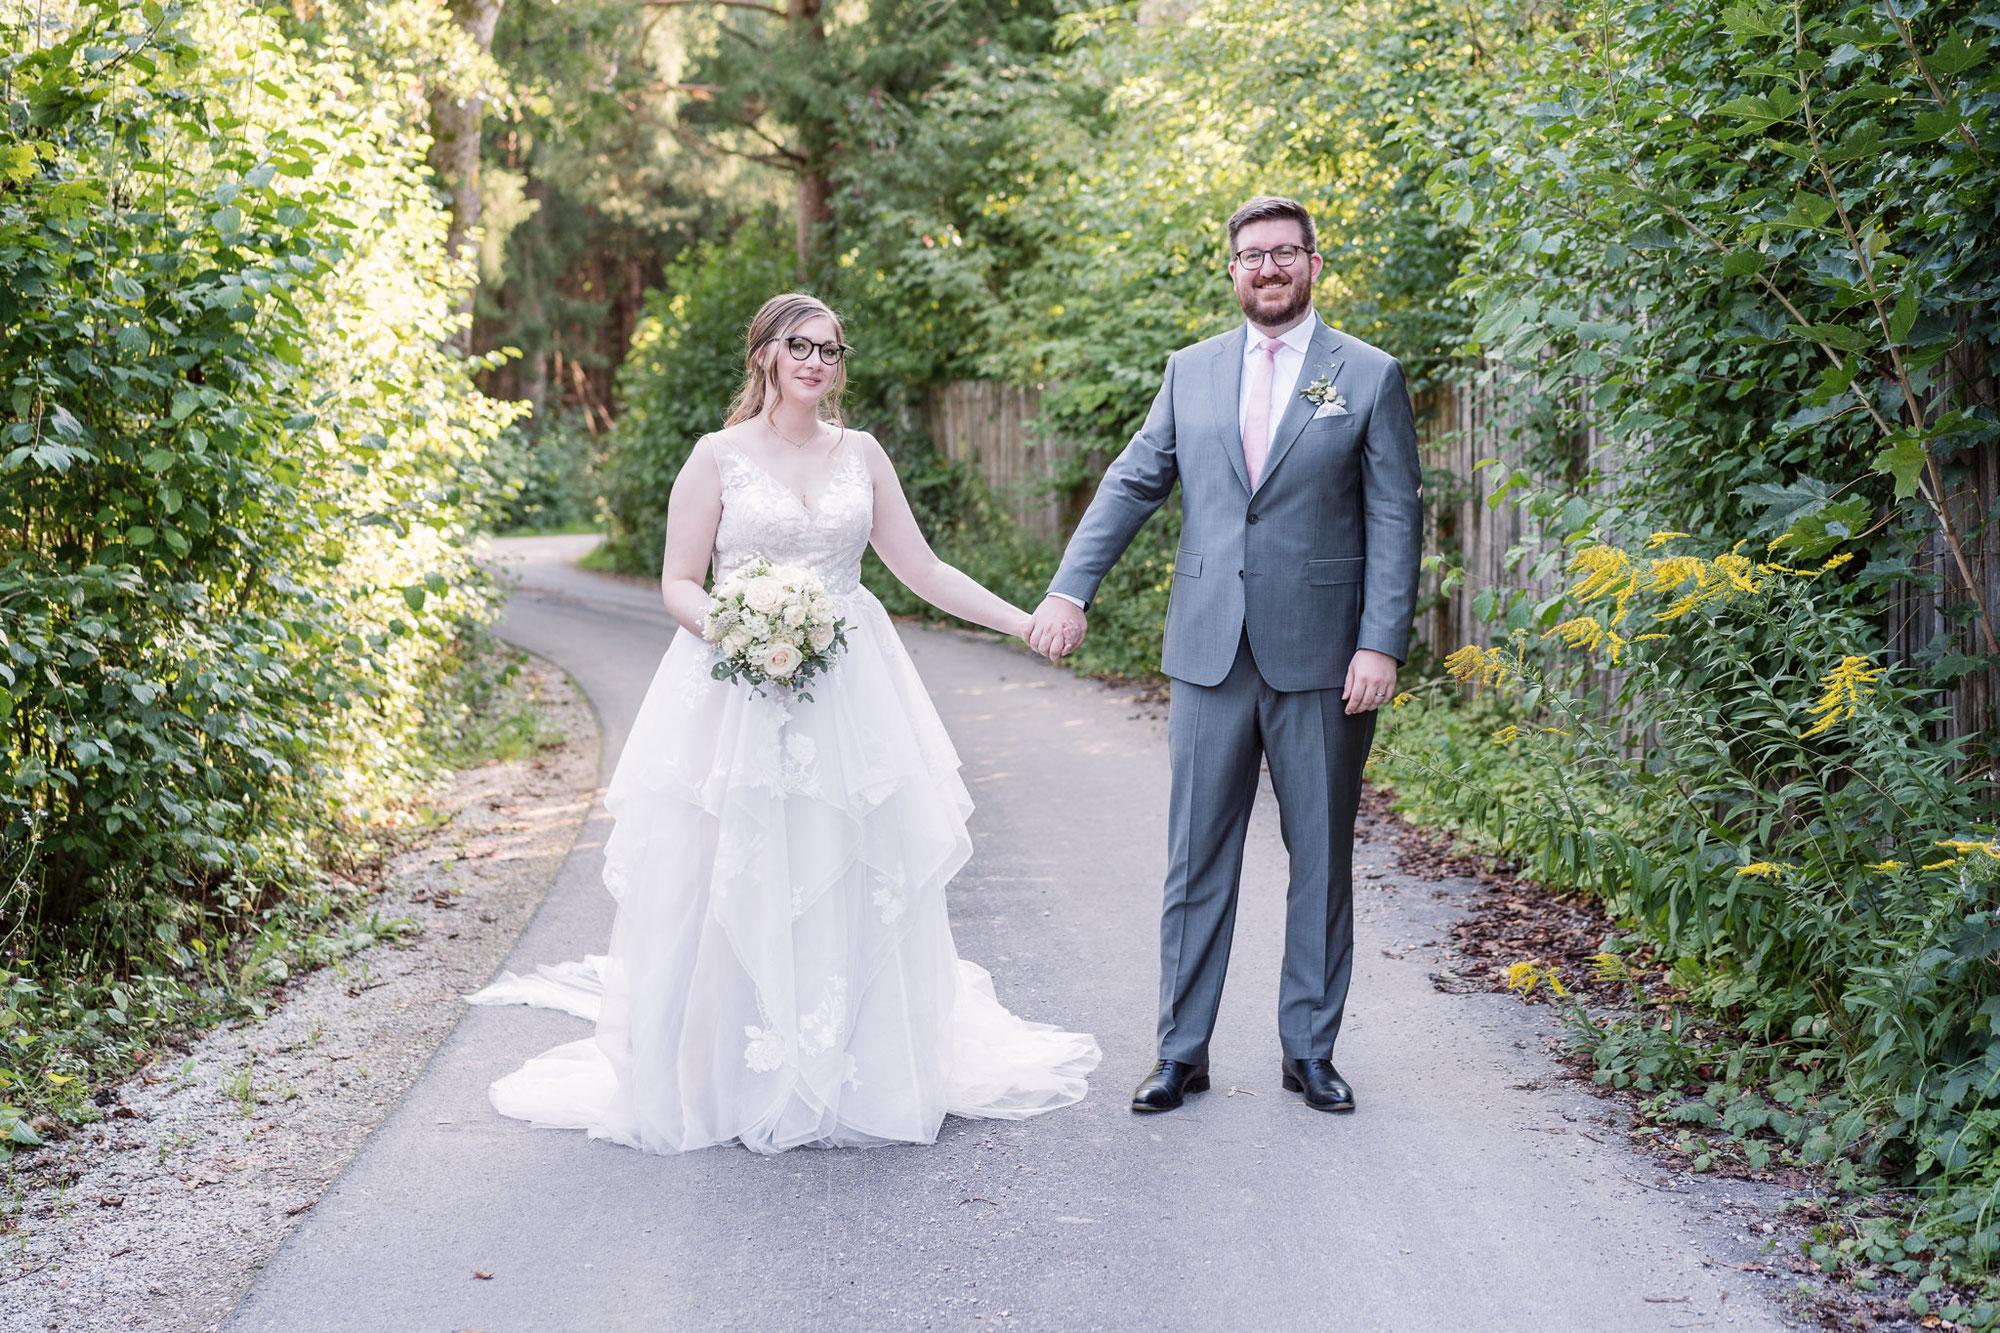 Miriam & Matthias - Hochzeit in der alten Gaertnerei Taufkirchen